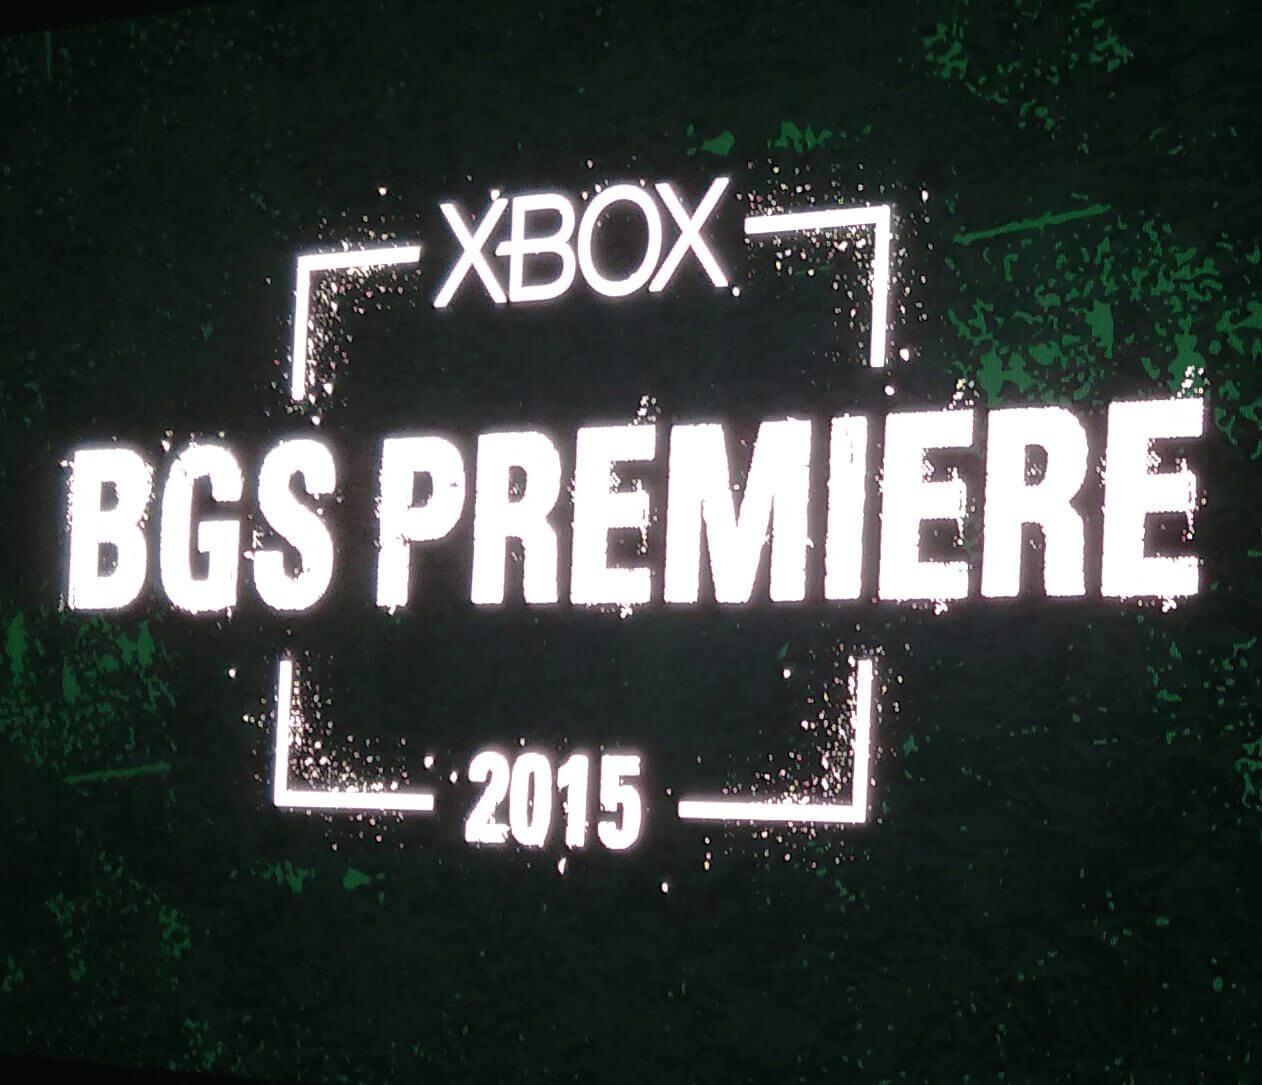 BGS2015 - Microsoft traz novidades do XBox antes da Brasil Game Show